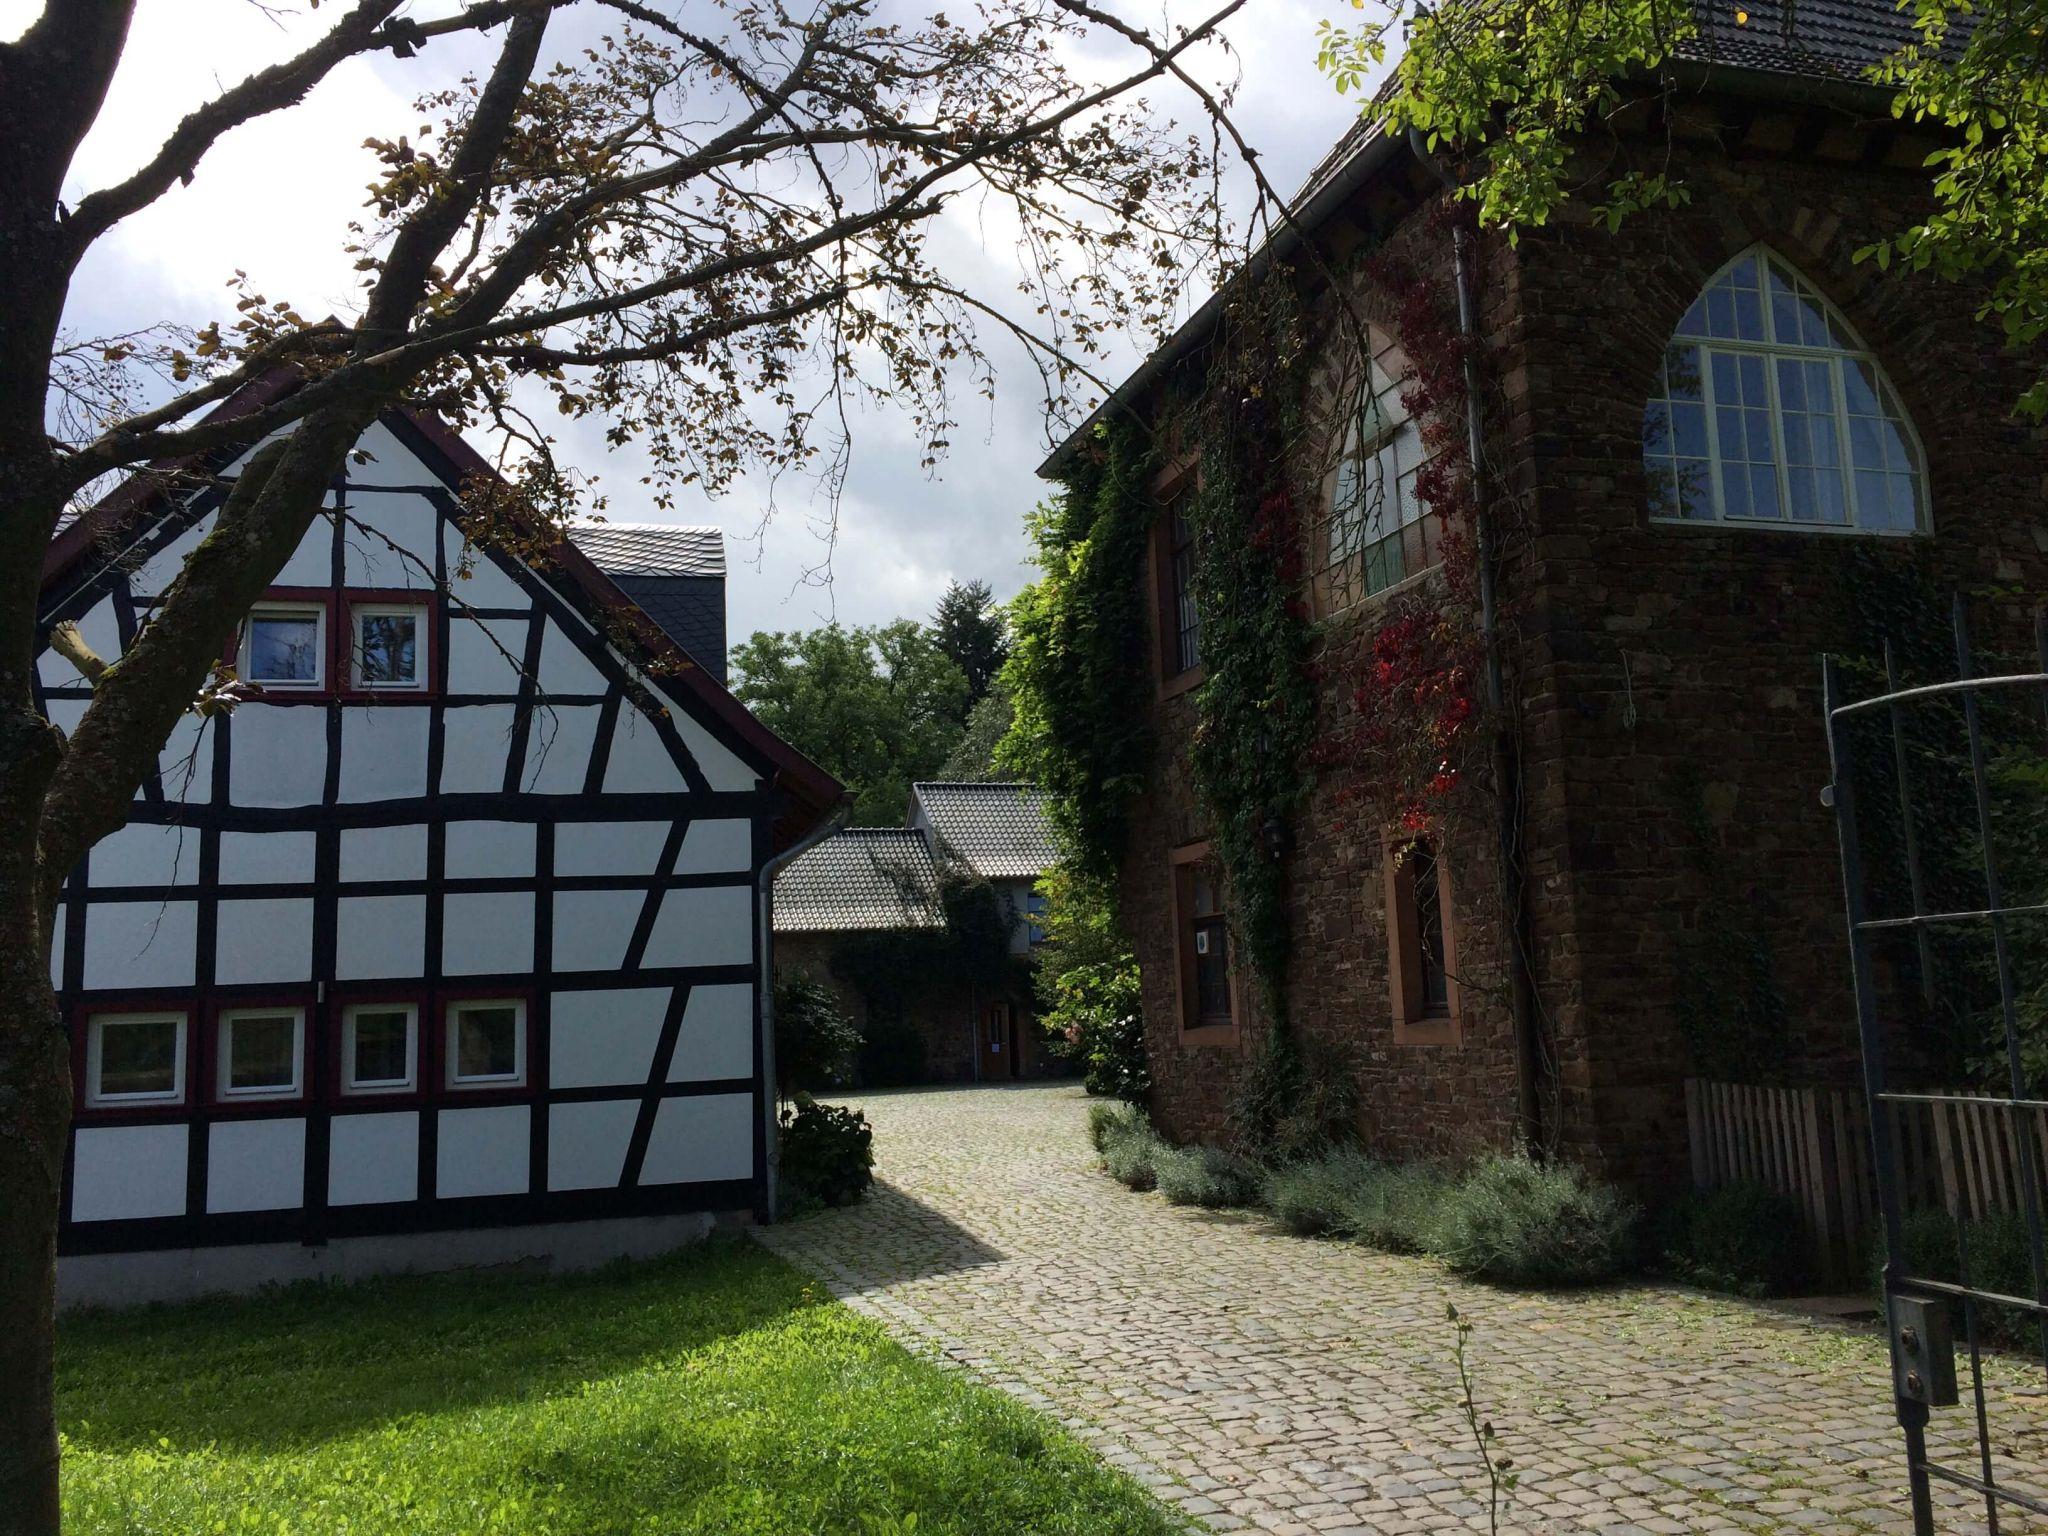 Kloster Schweinheim Wander&Achtsamkeits-Wochenende